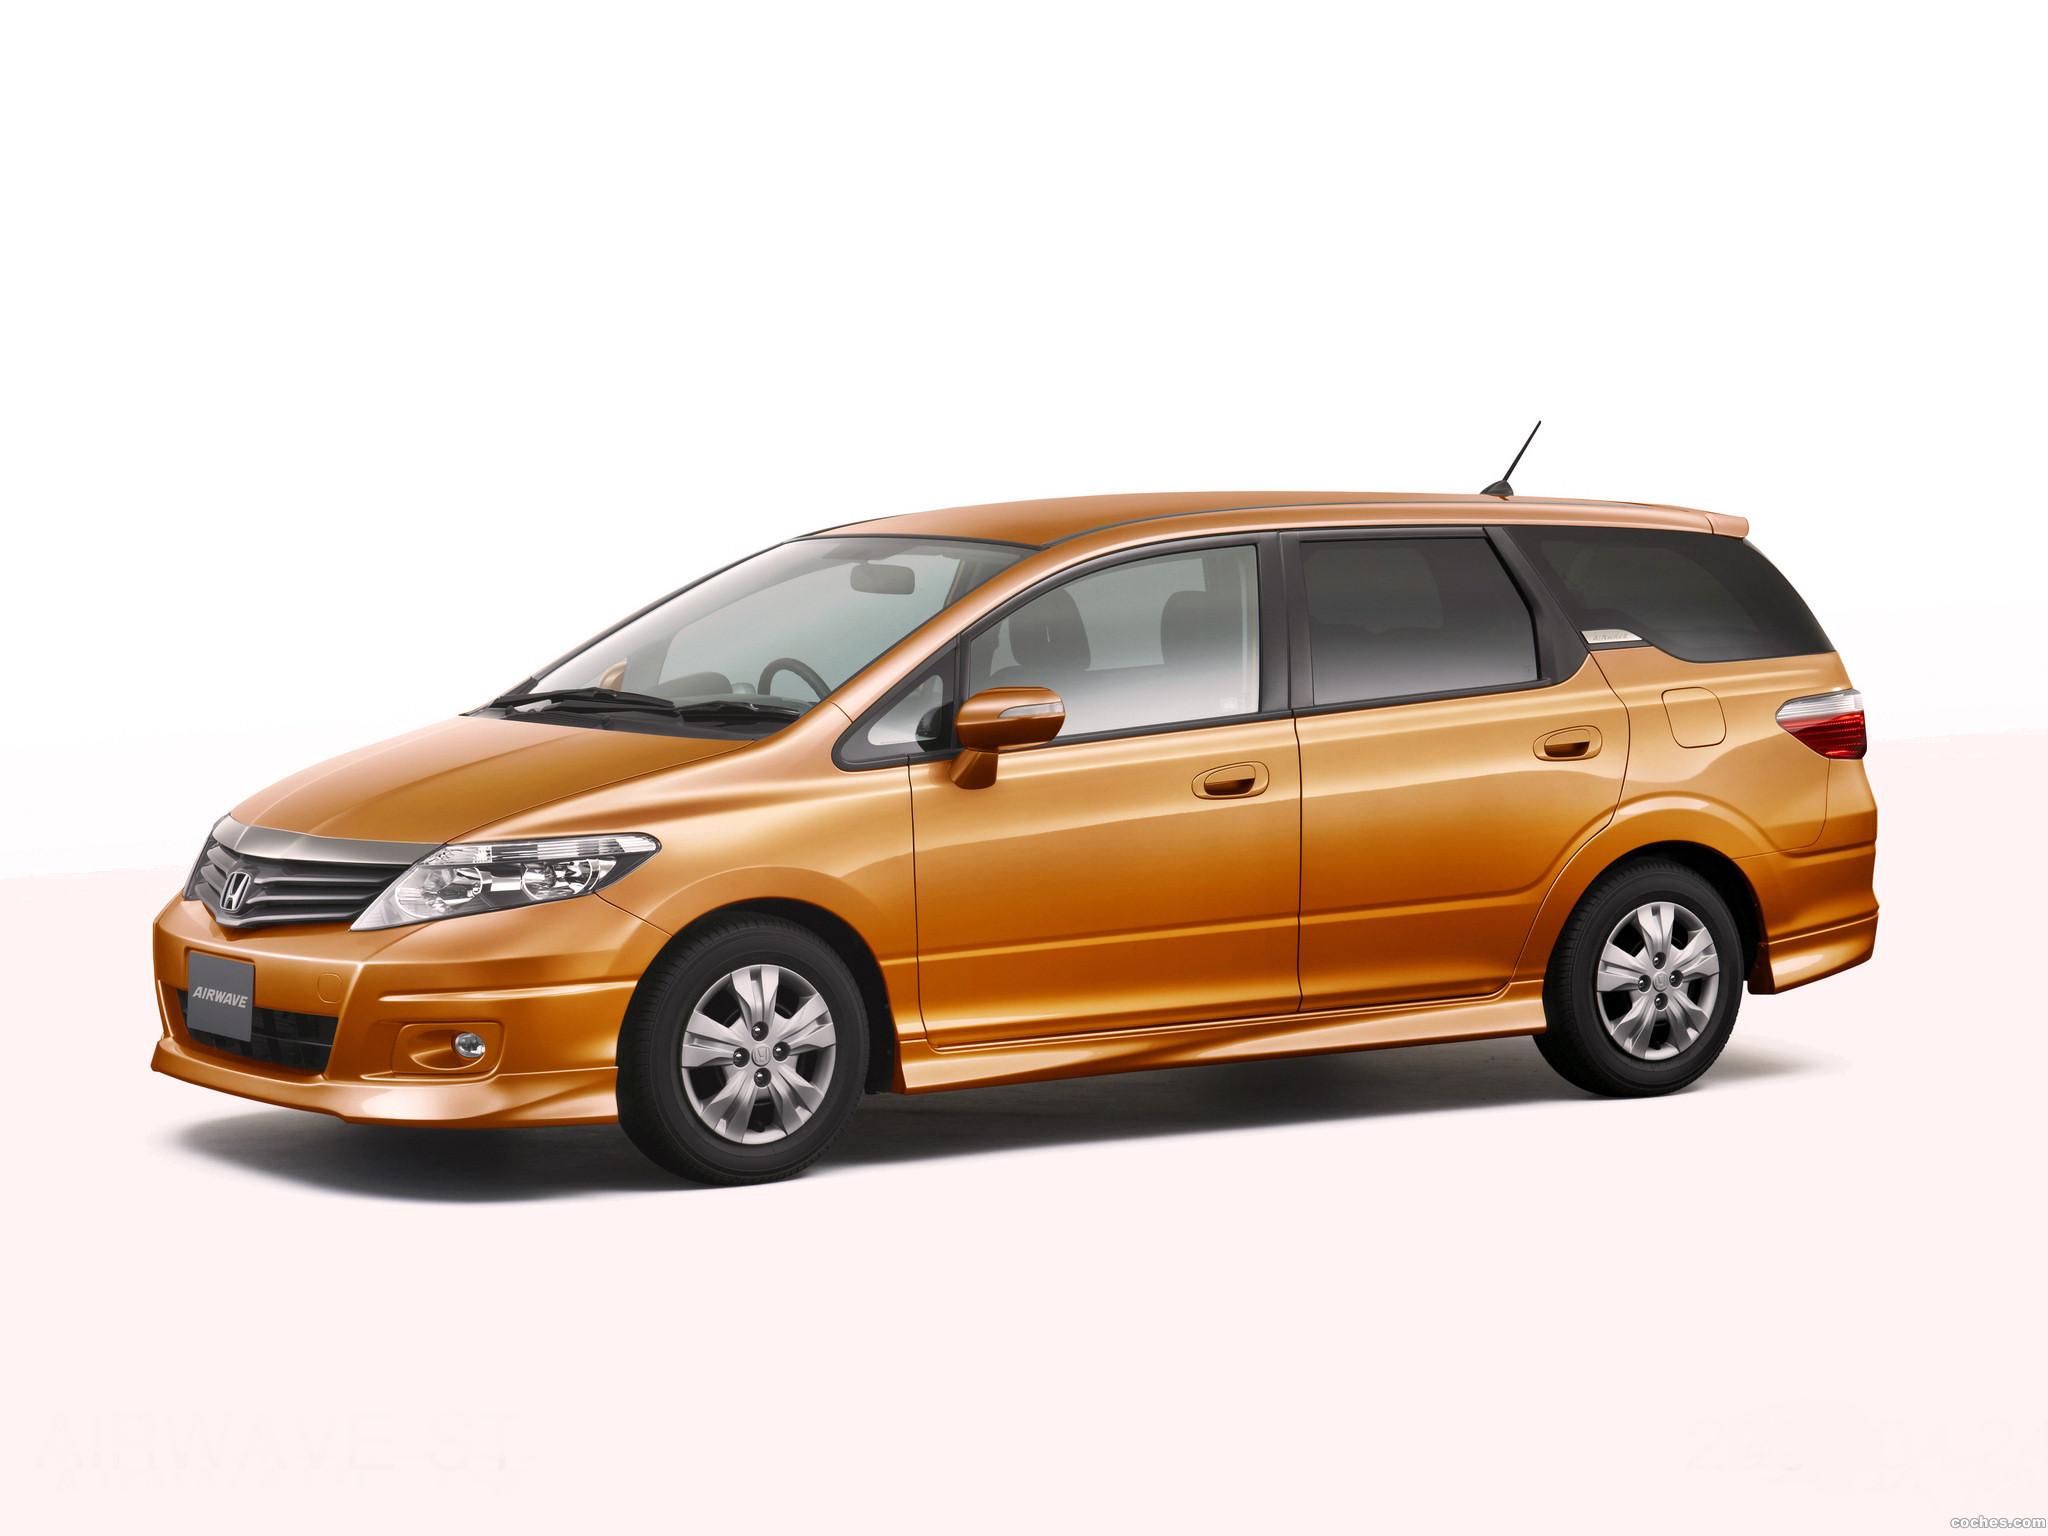 Foto 0 de Honda Airwave 2008